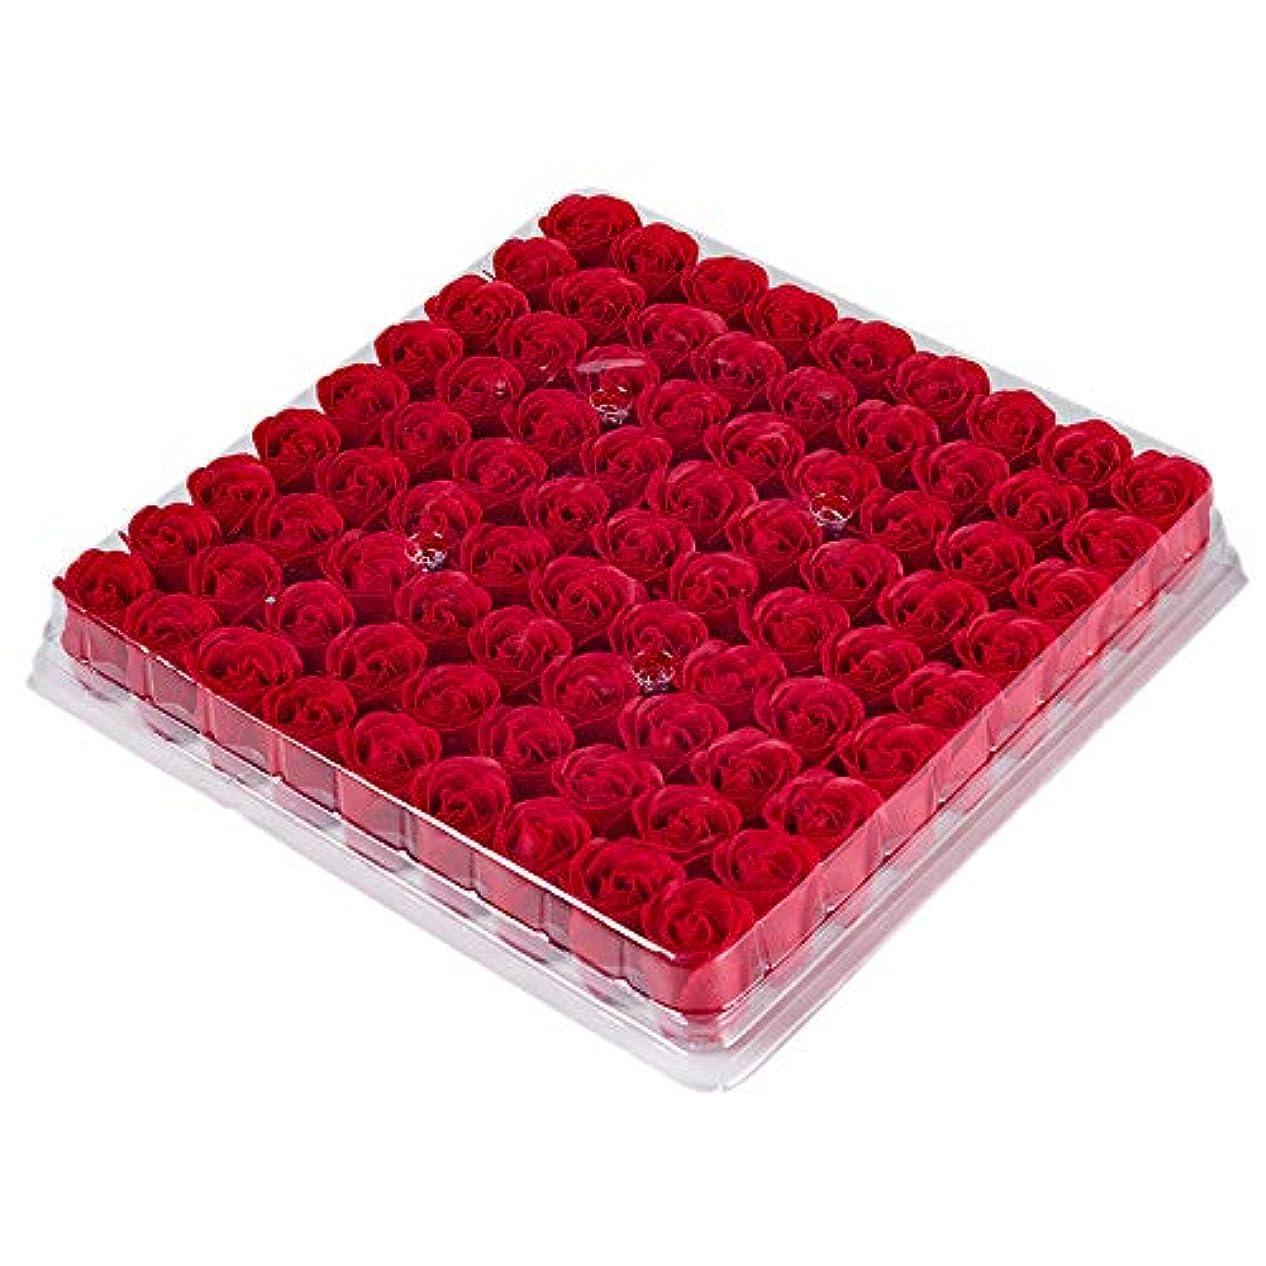 居間幸運形RETYLY 81個の薔薇、バス ボディ フラワー?フローラルの石けん 香りのよいローズフラワー エッセンシャルオイル フローラルのお客様への石鹸 ウェディング、パーティー、バレンタインデーの贈り物、赤色